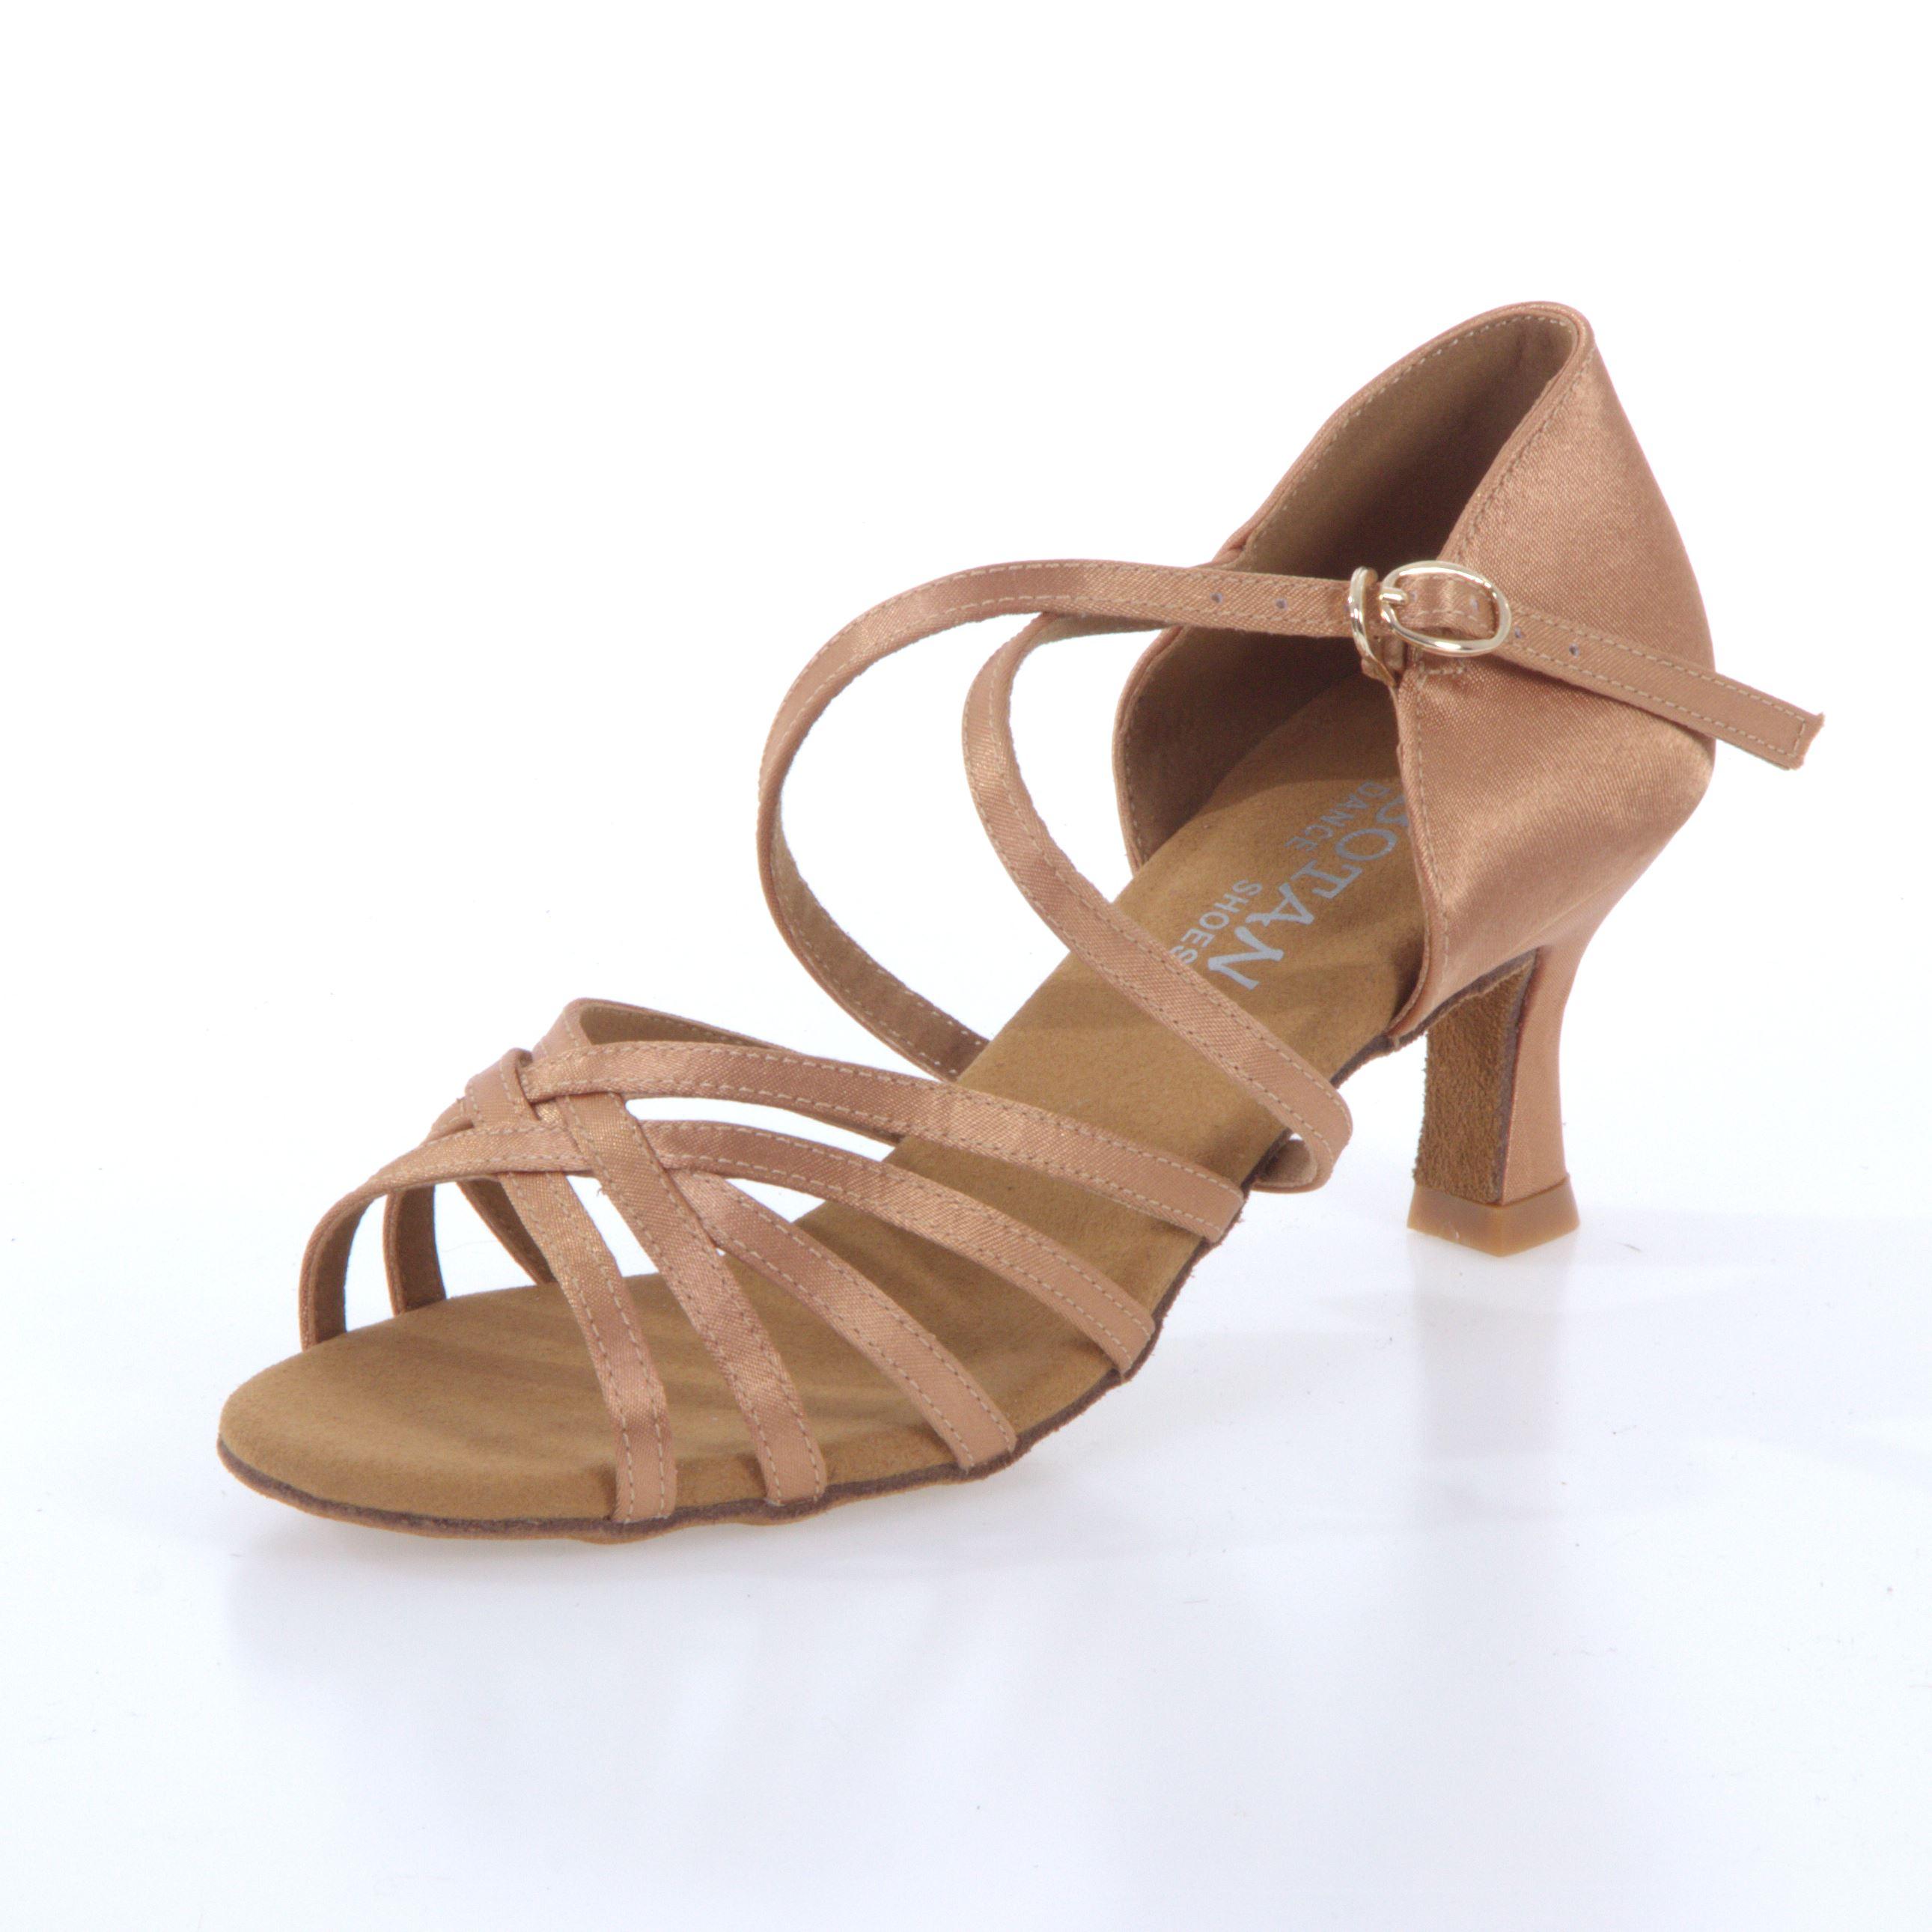 c7c8ecce3d1e Dámske tanečné topánky Botan BL-2S telové empty